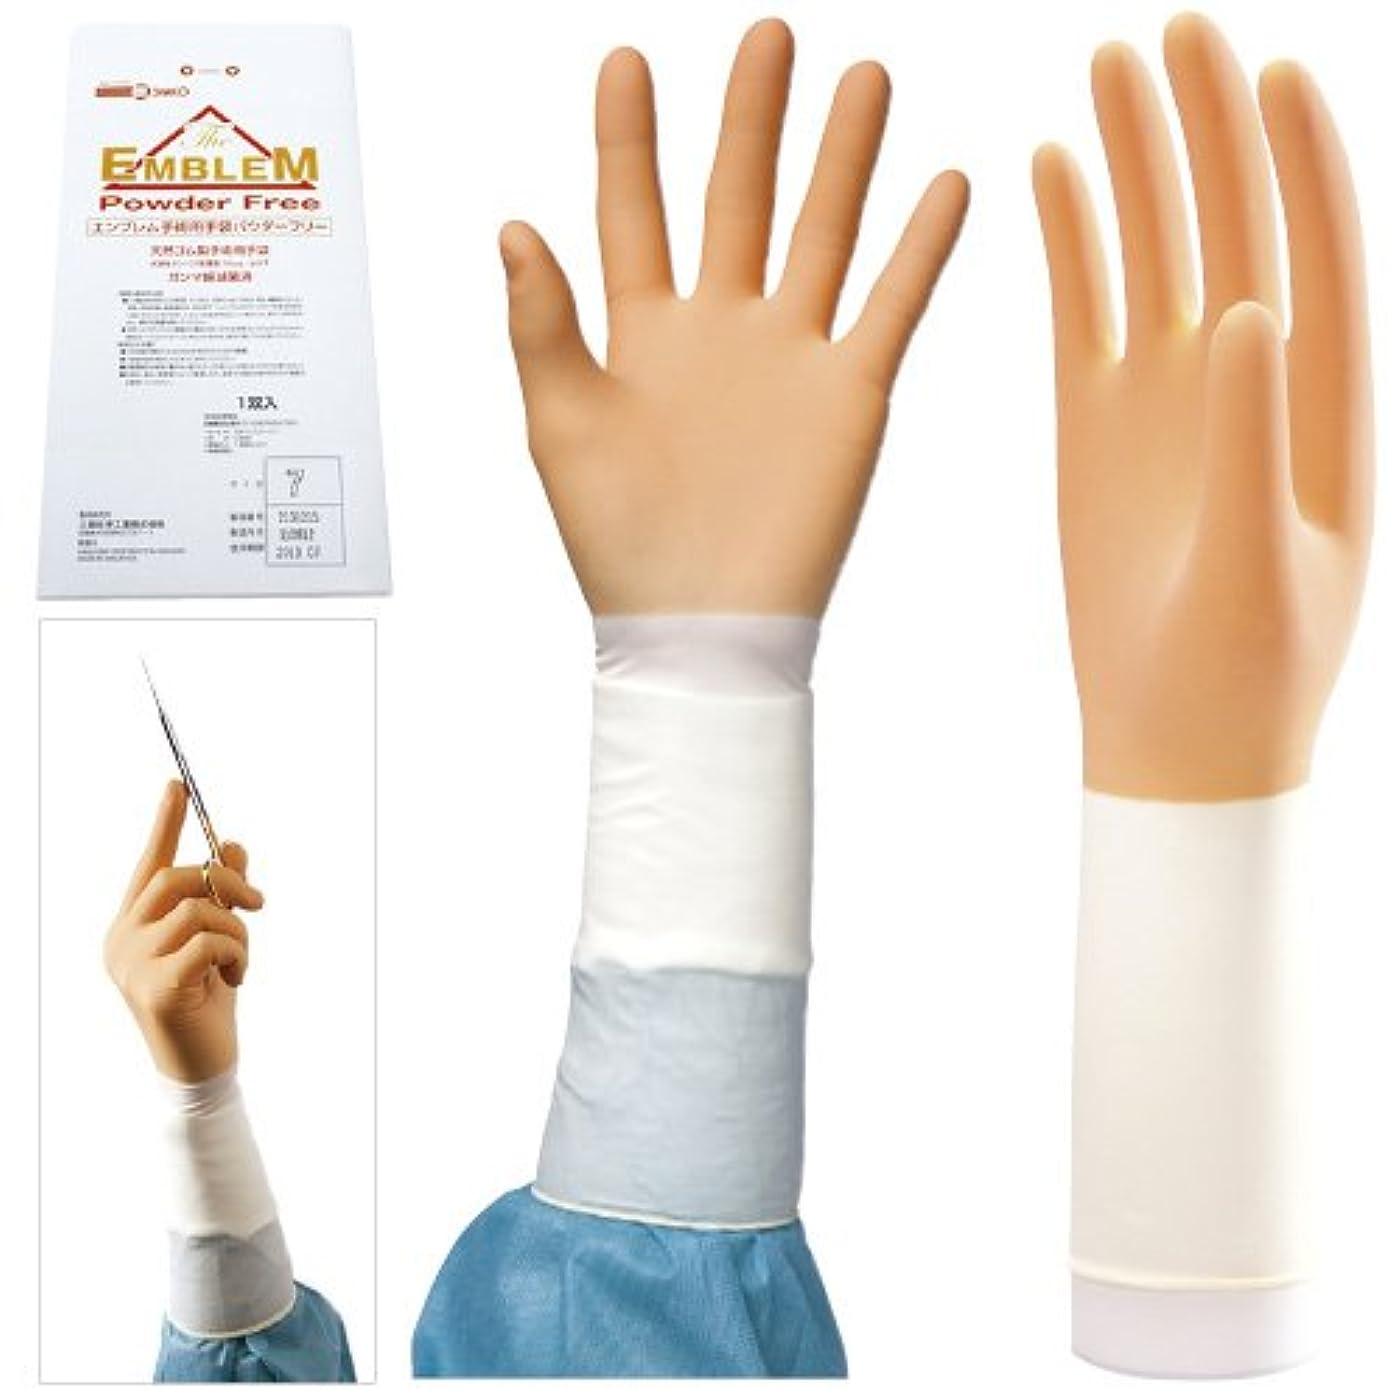 アパル肥料魅力的であることへのアピールエンブレム手術用手袋 パウダーフリー NEW(20双入) 7.5